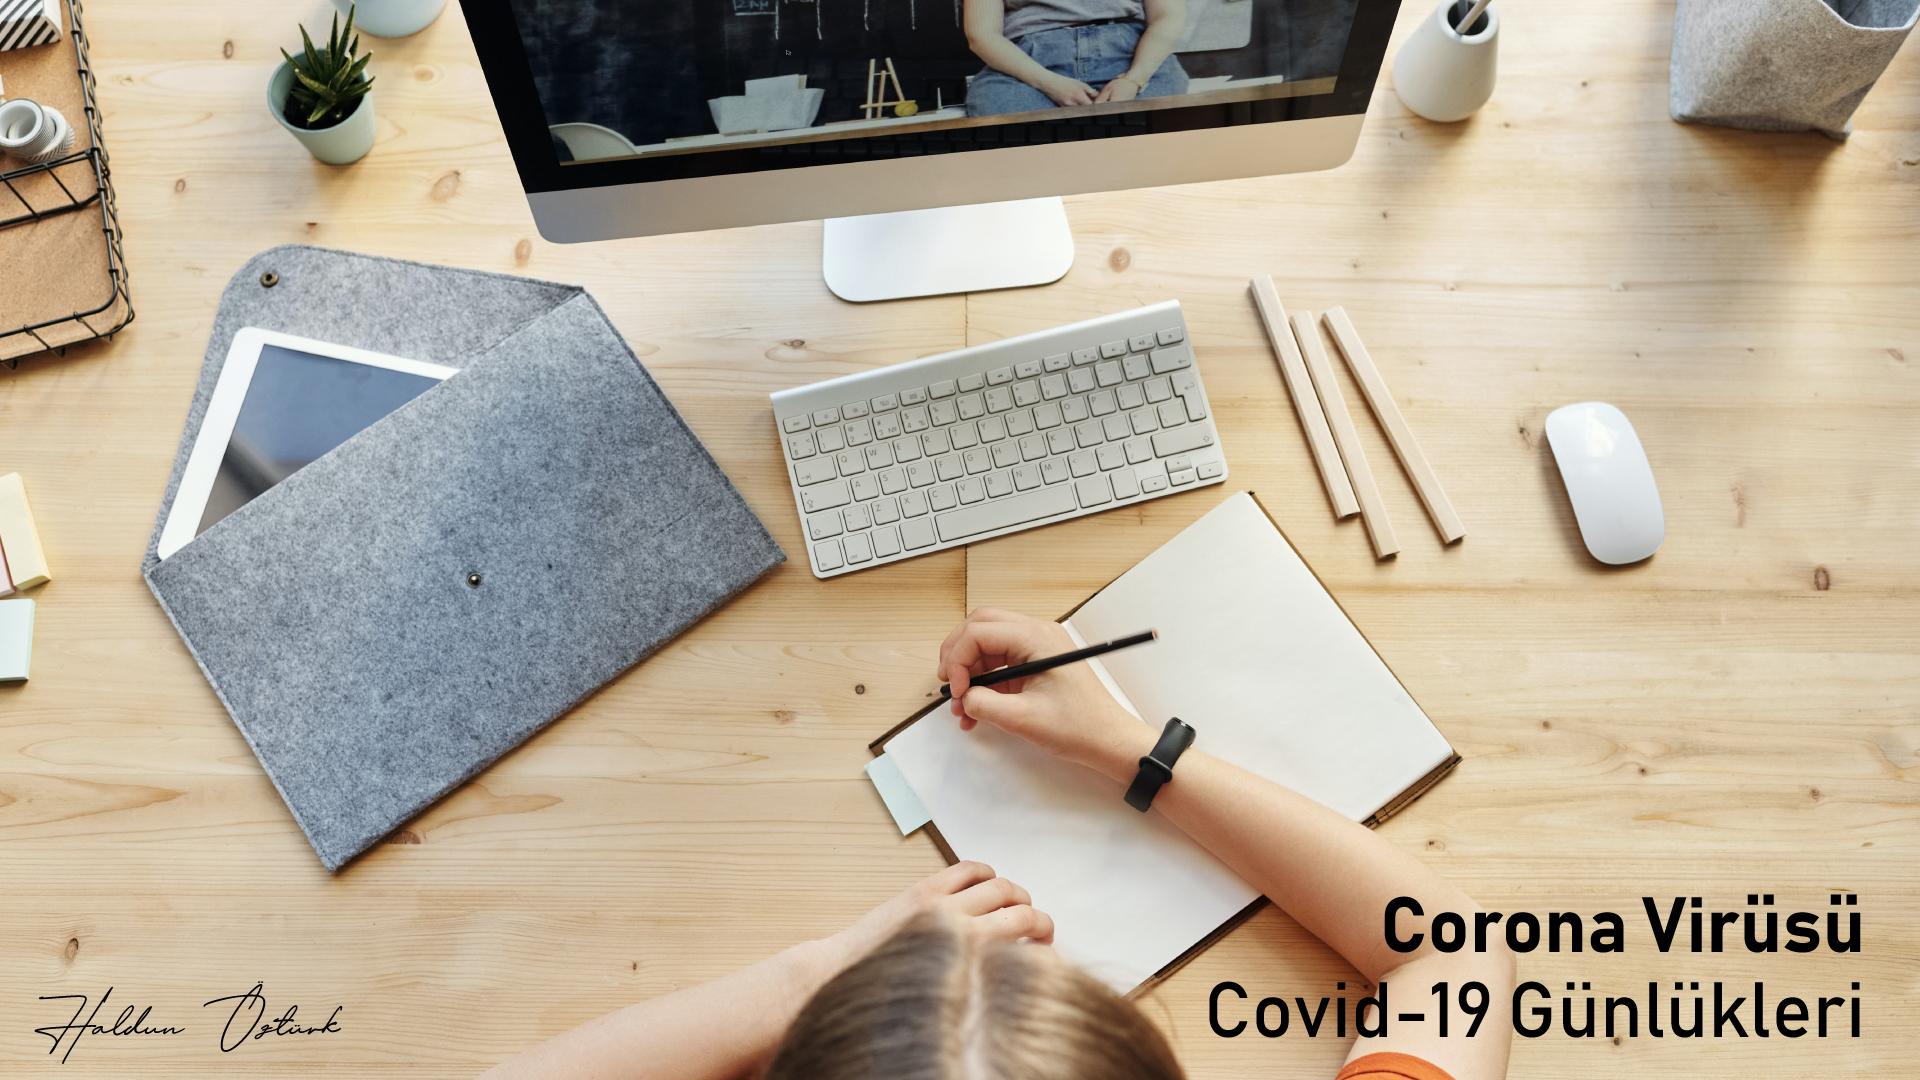 Corona Virüsü Covid-19 Günlükleri